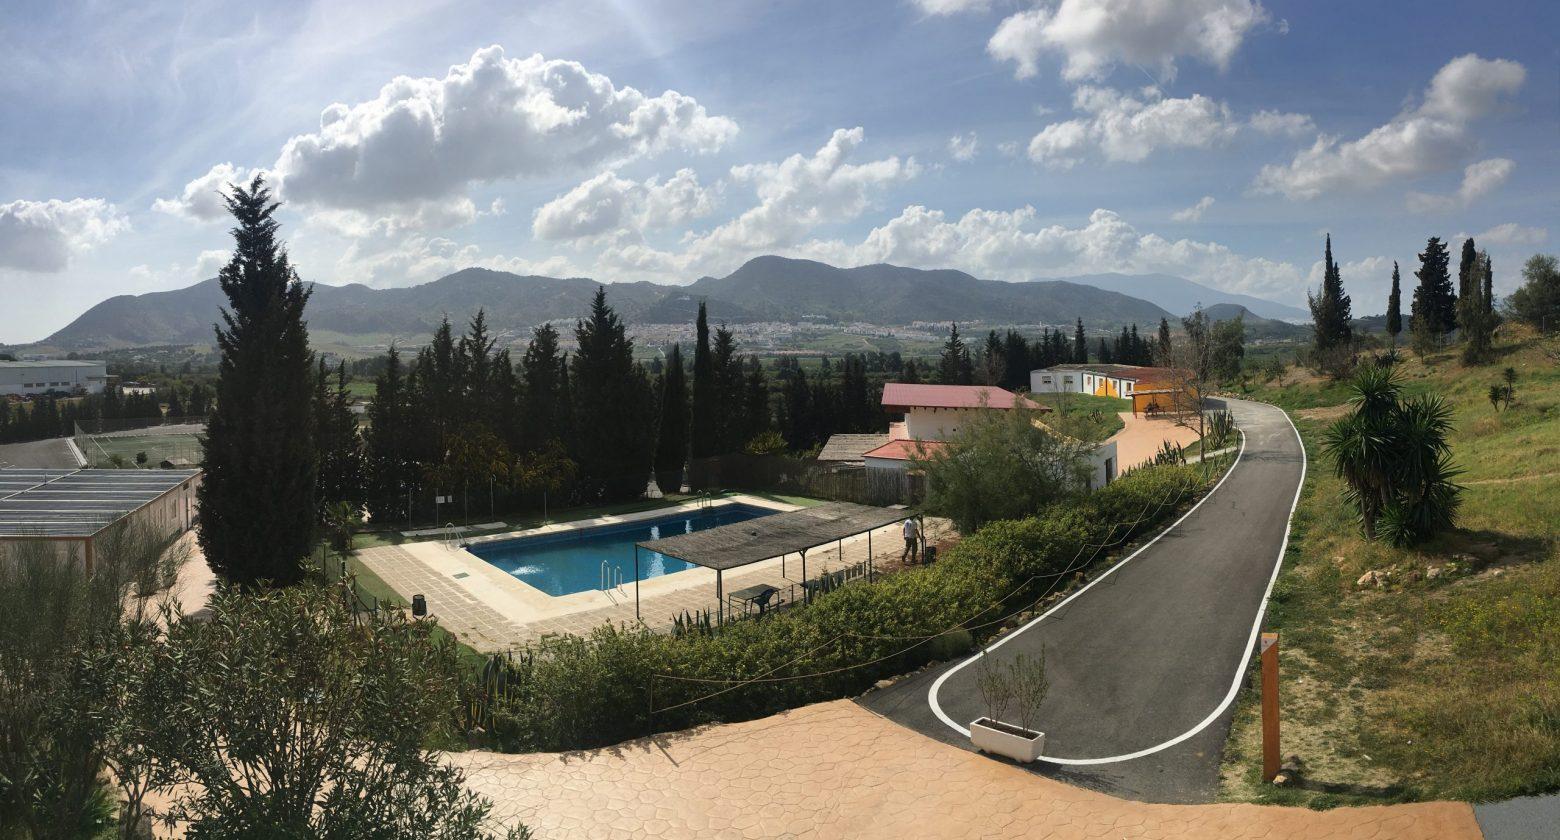 Vistas de la piscina y secundaria